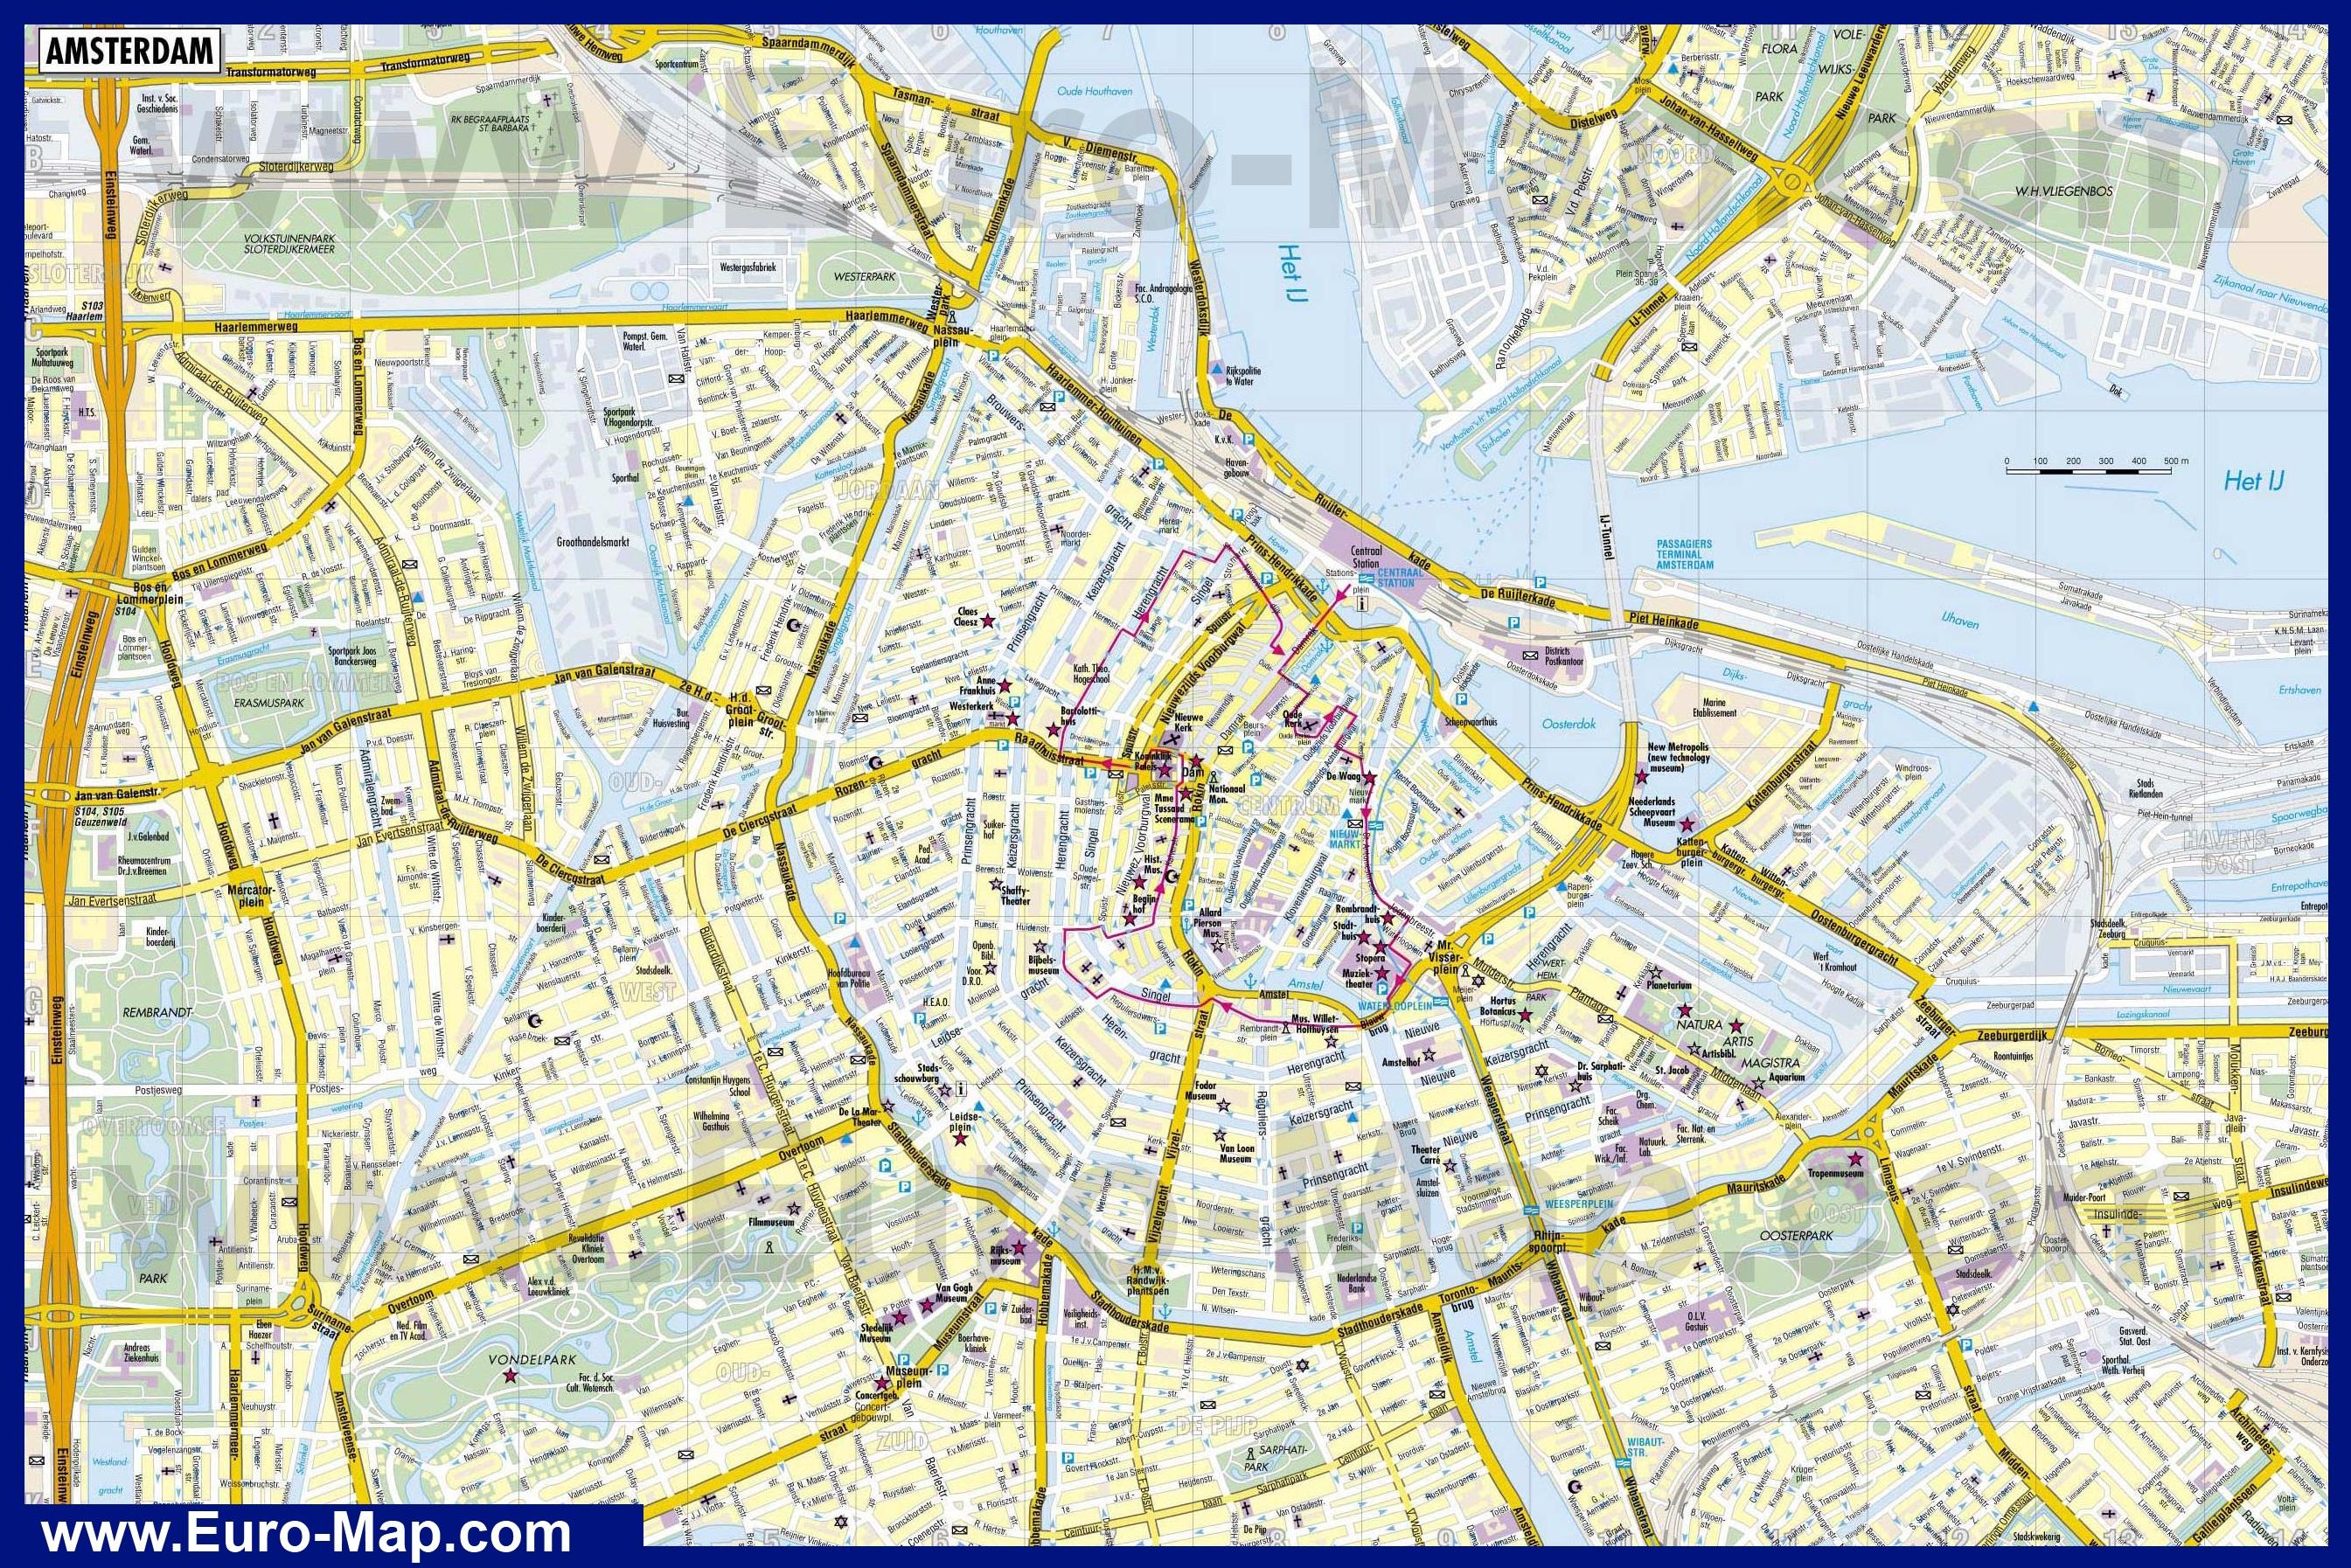 Карта схема амстердама